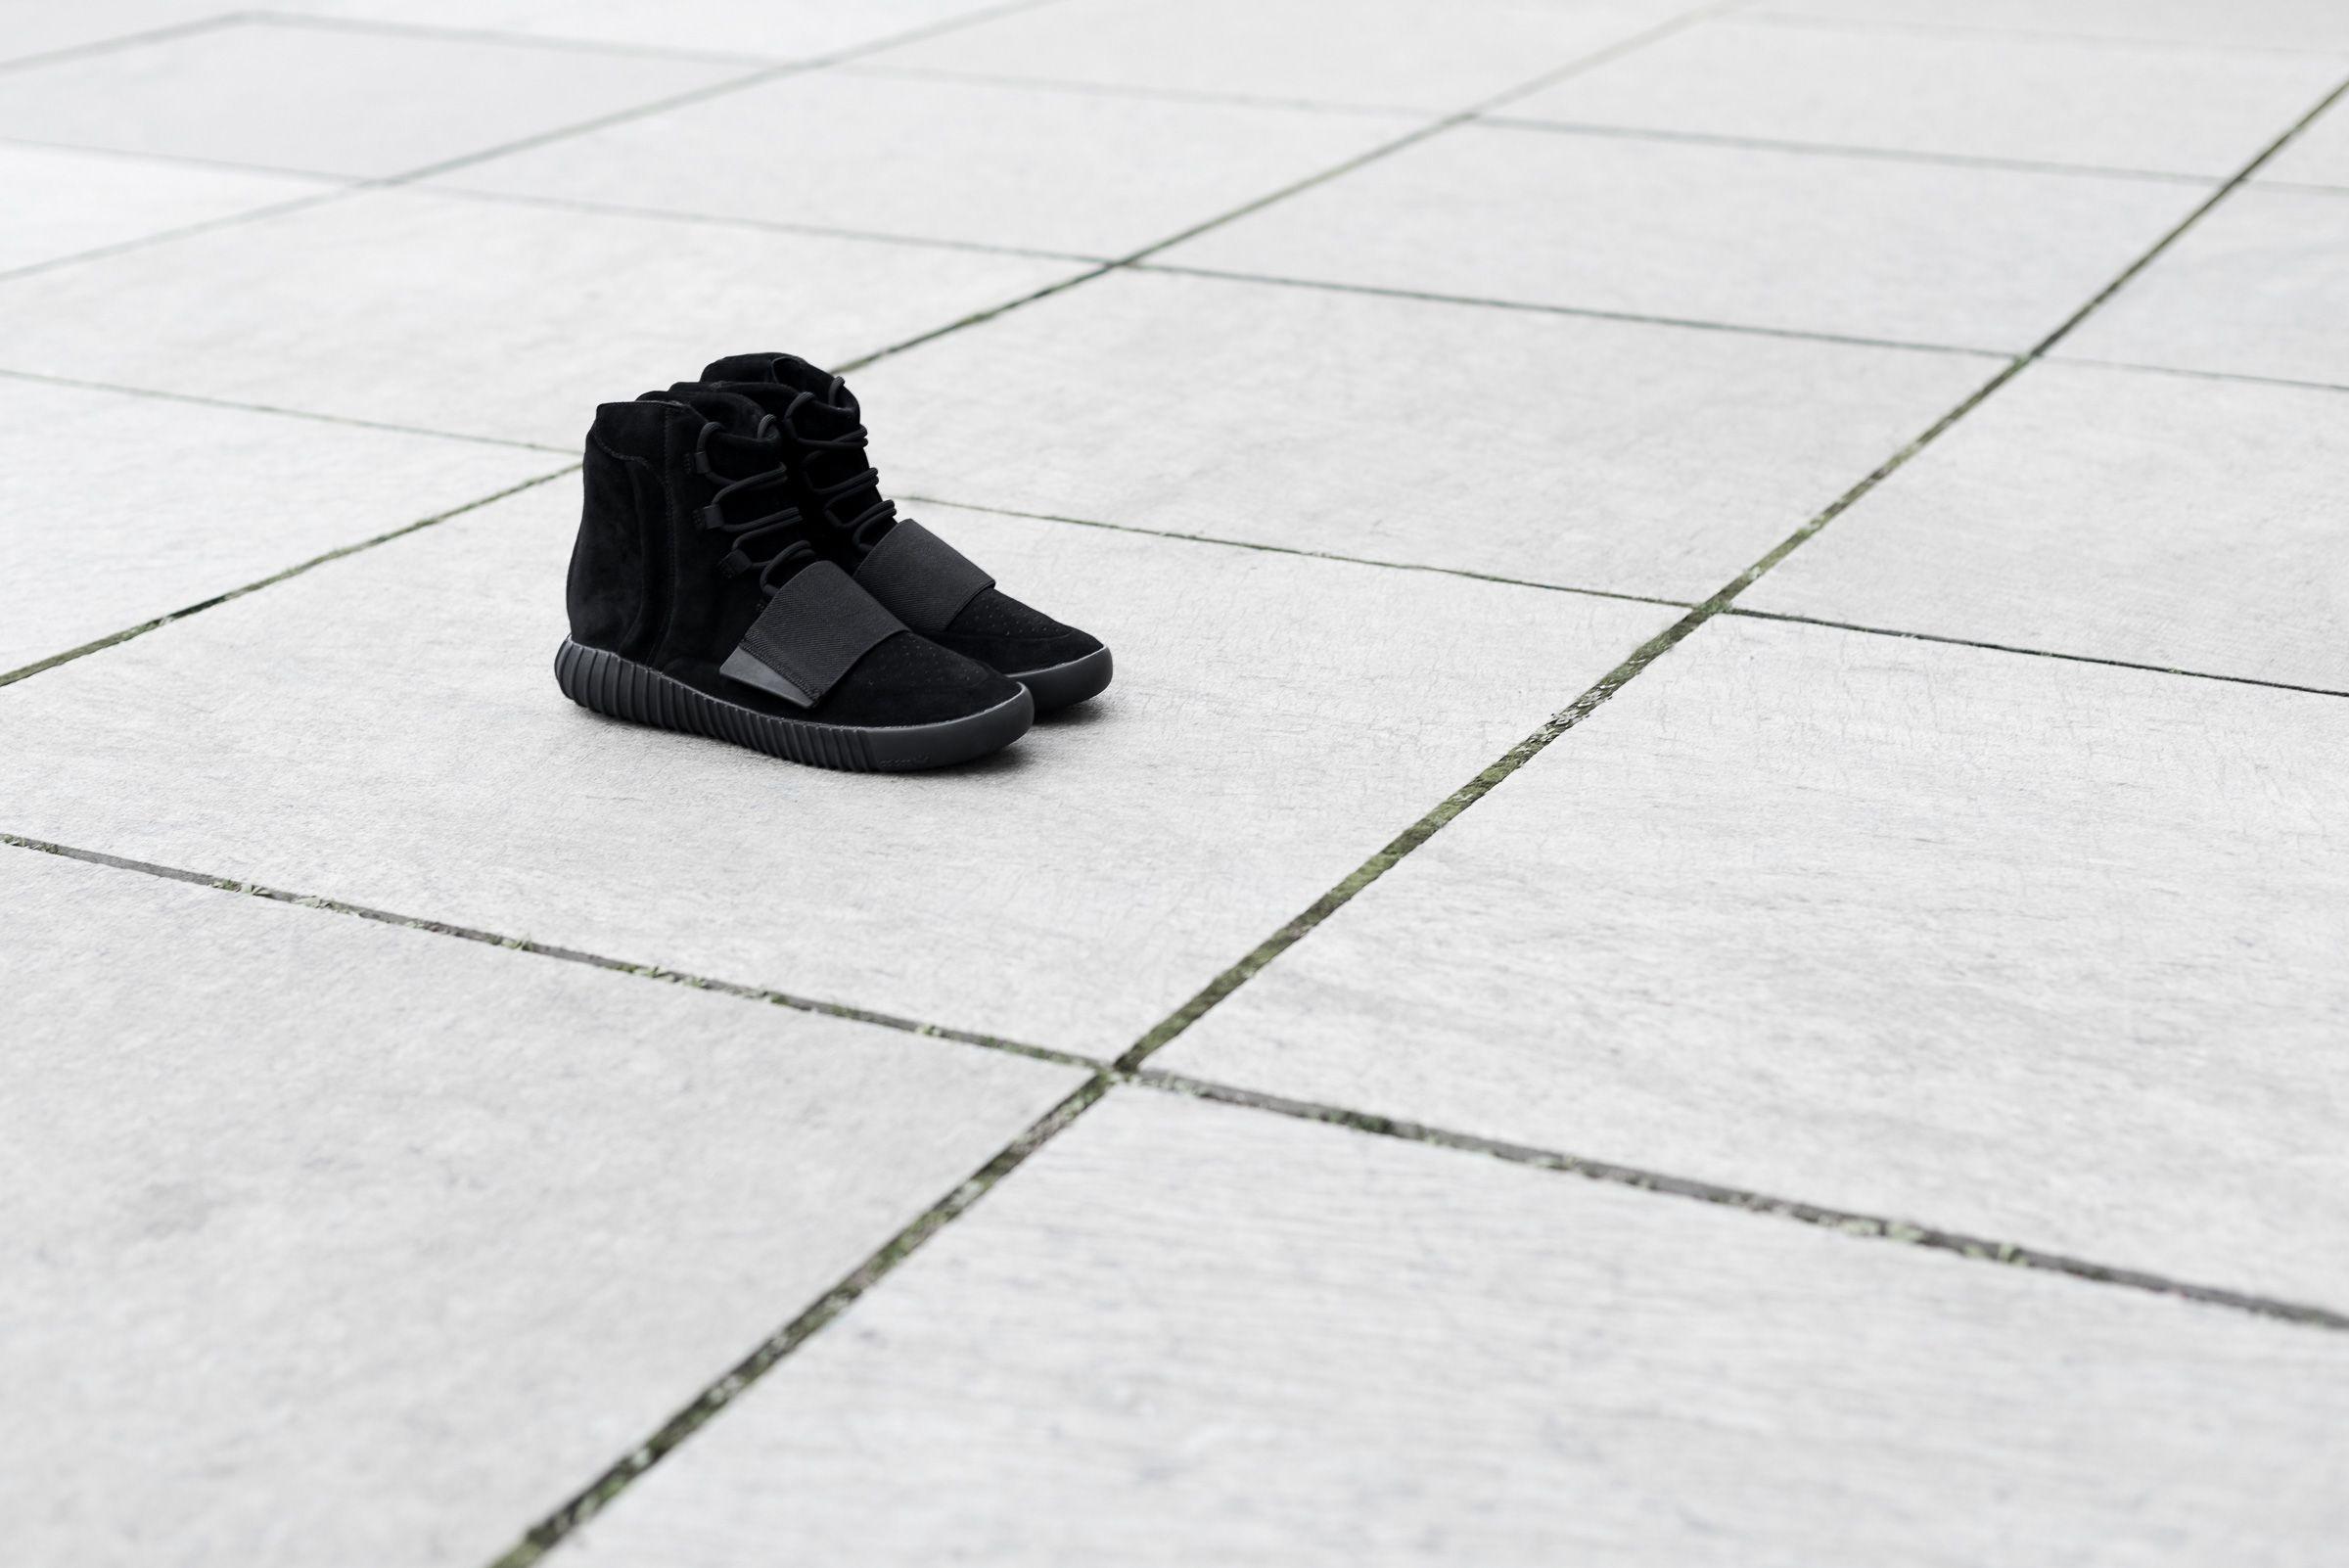 Bb1839 adidas yeezy 750 impulso nero rilascio infos 4